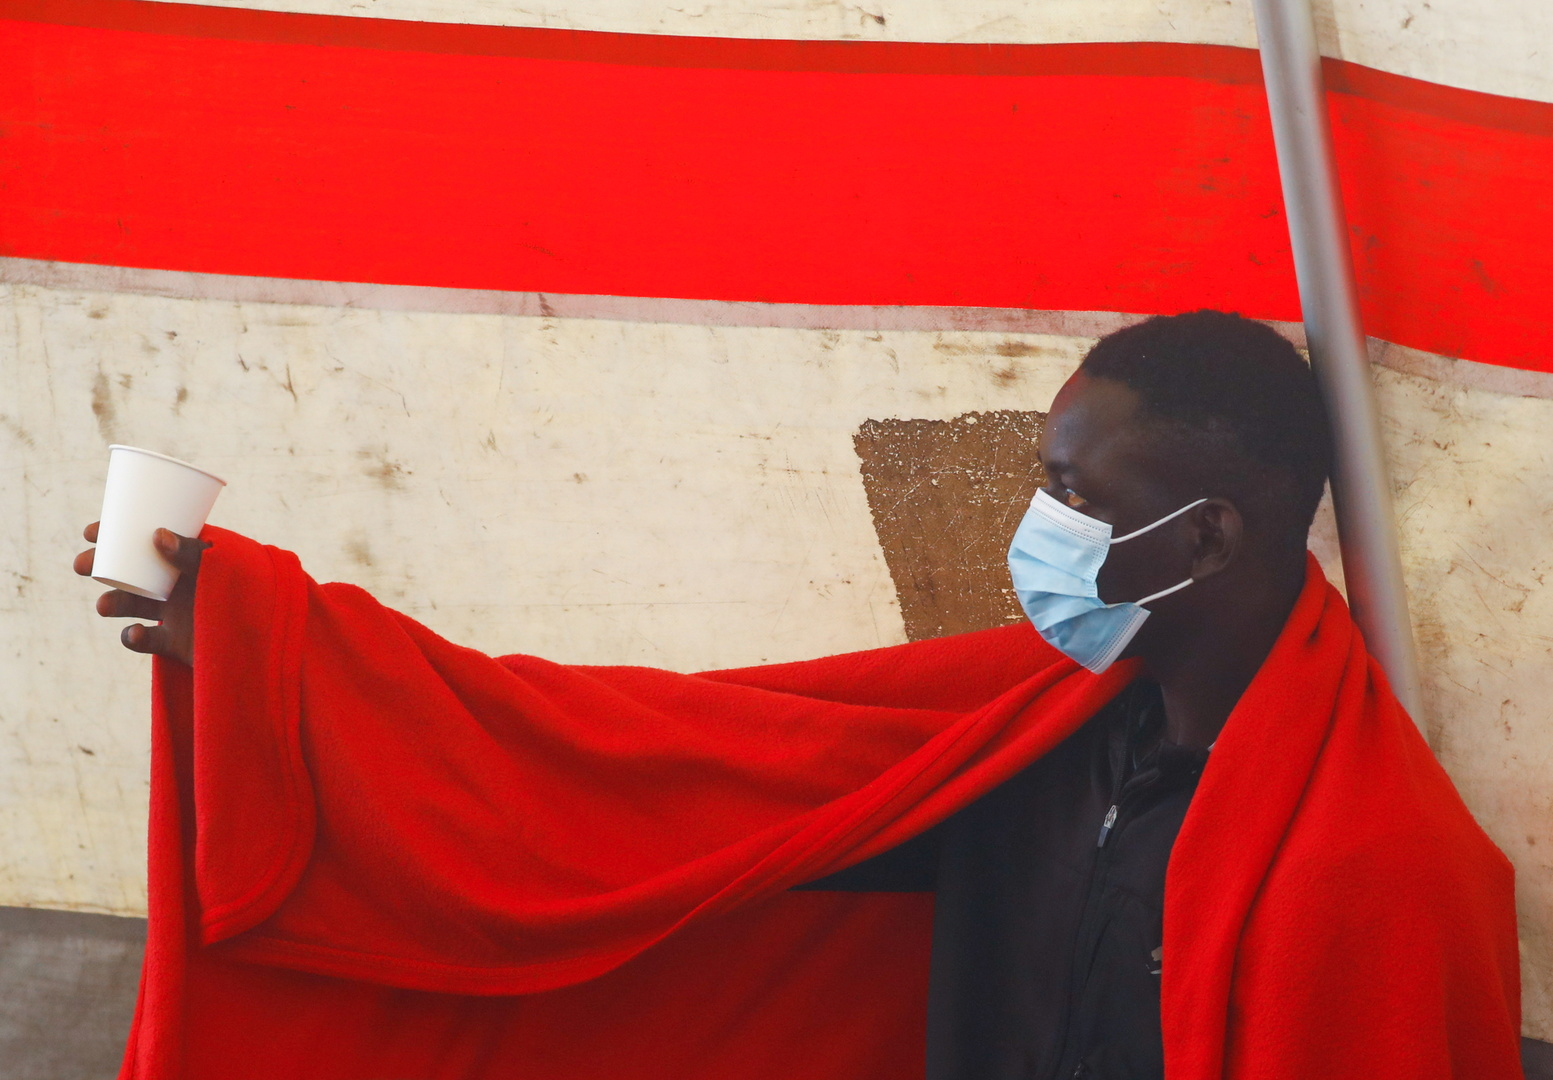 مهاجرون يستريحون في خيمة للصليب الأحمر